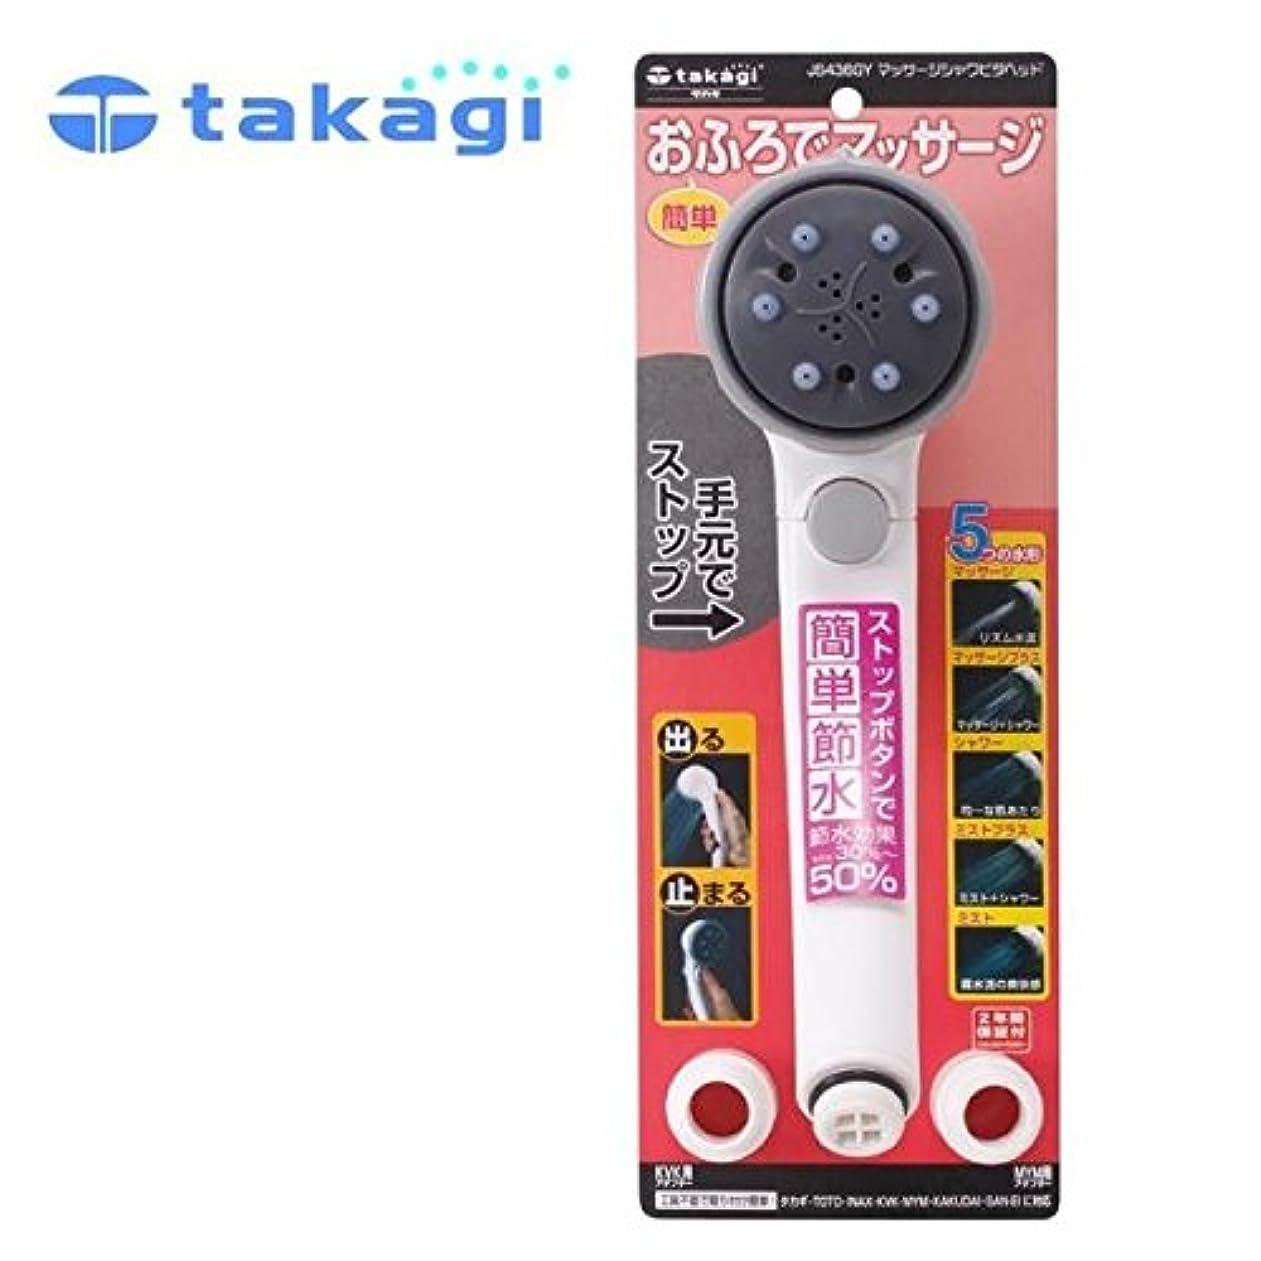 刃どれ苦悩takagi タカギ 浴室用シャワーヘッド マッサージシャワピタヘッド【同梱?代引不可】